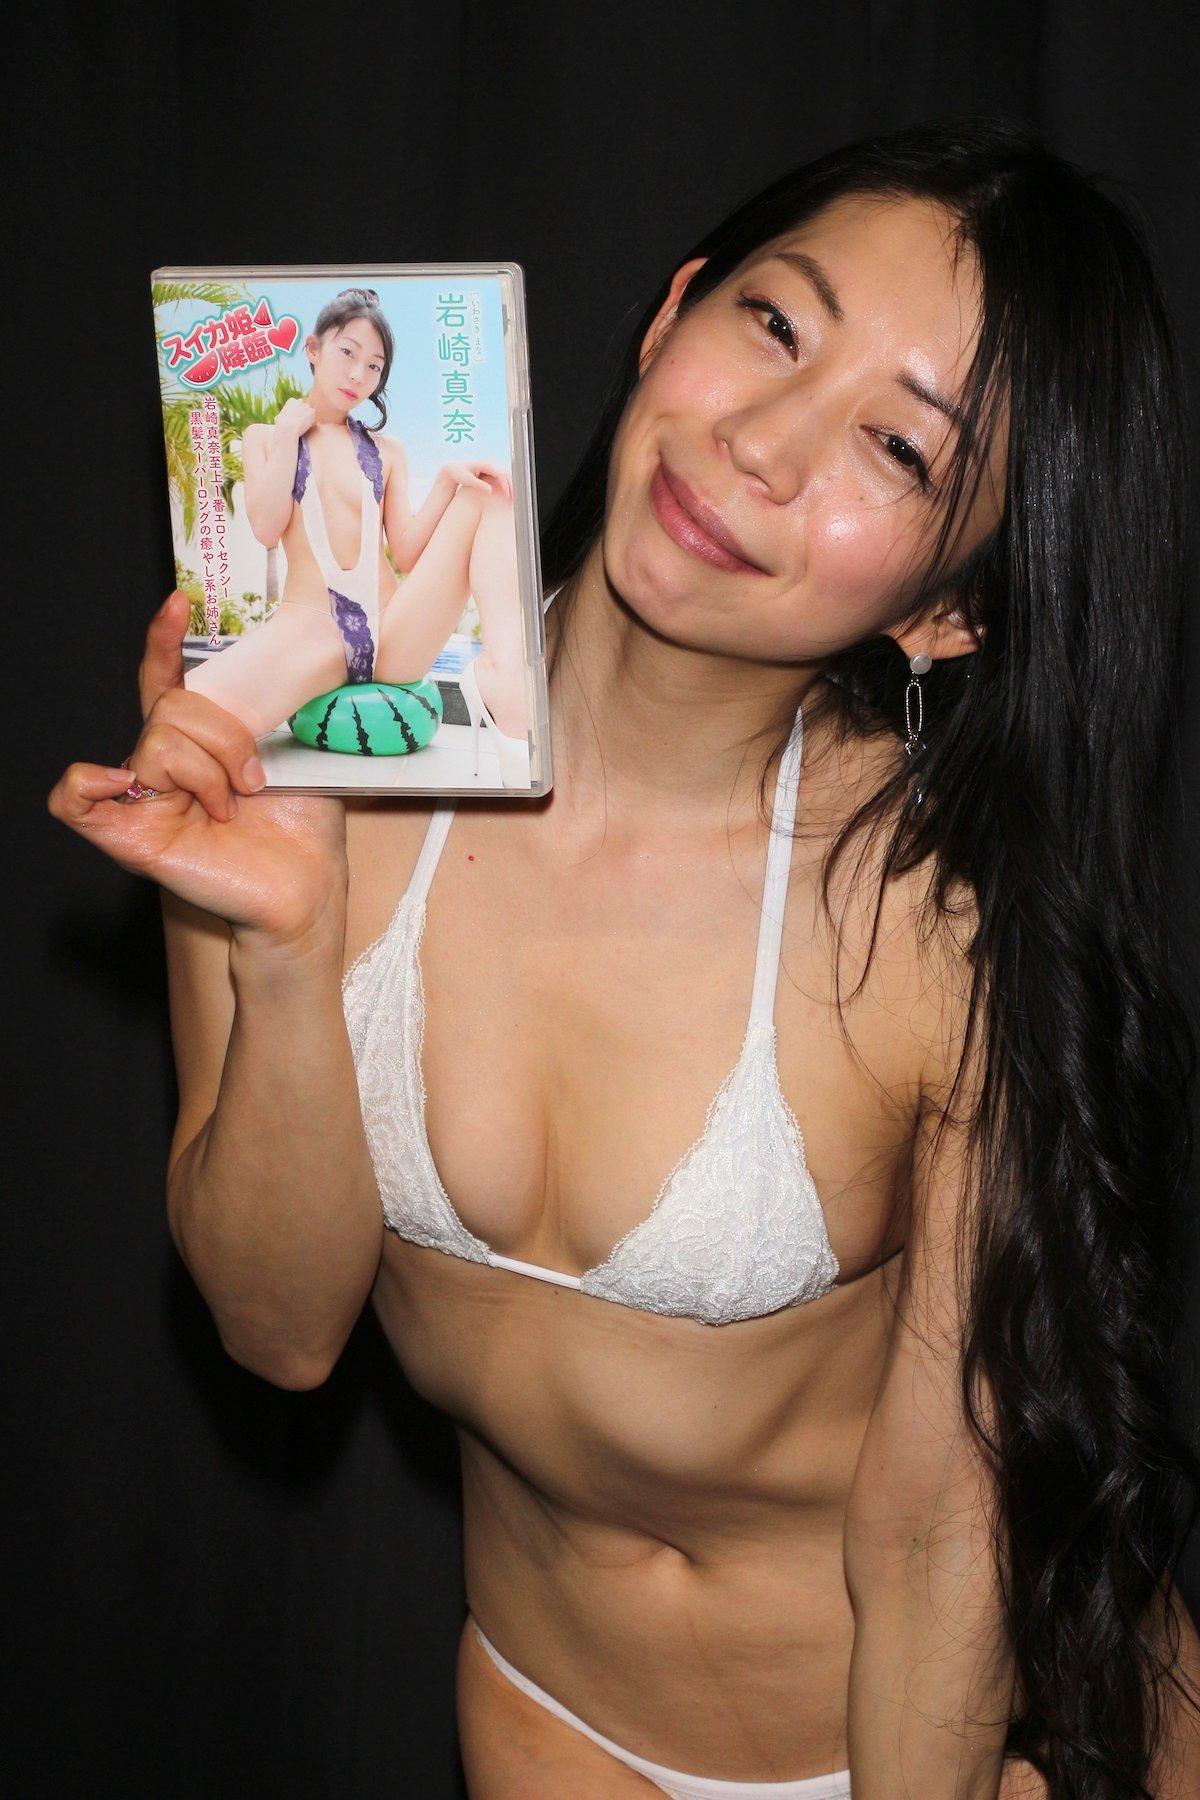 岩崎真奈「ベンチの縁にこすったり」私史上最高にセクシー【画像50枚】の画像046